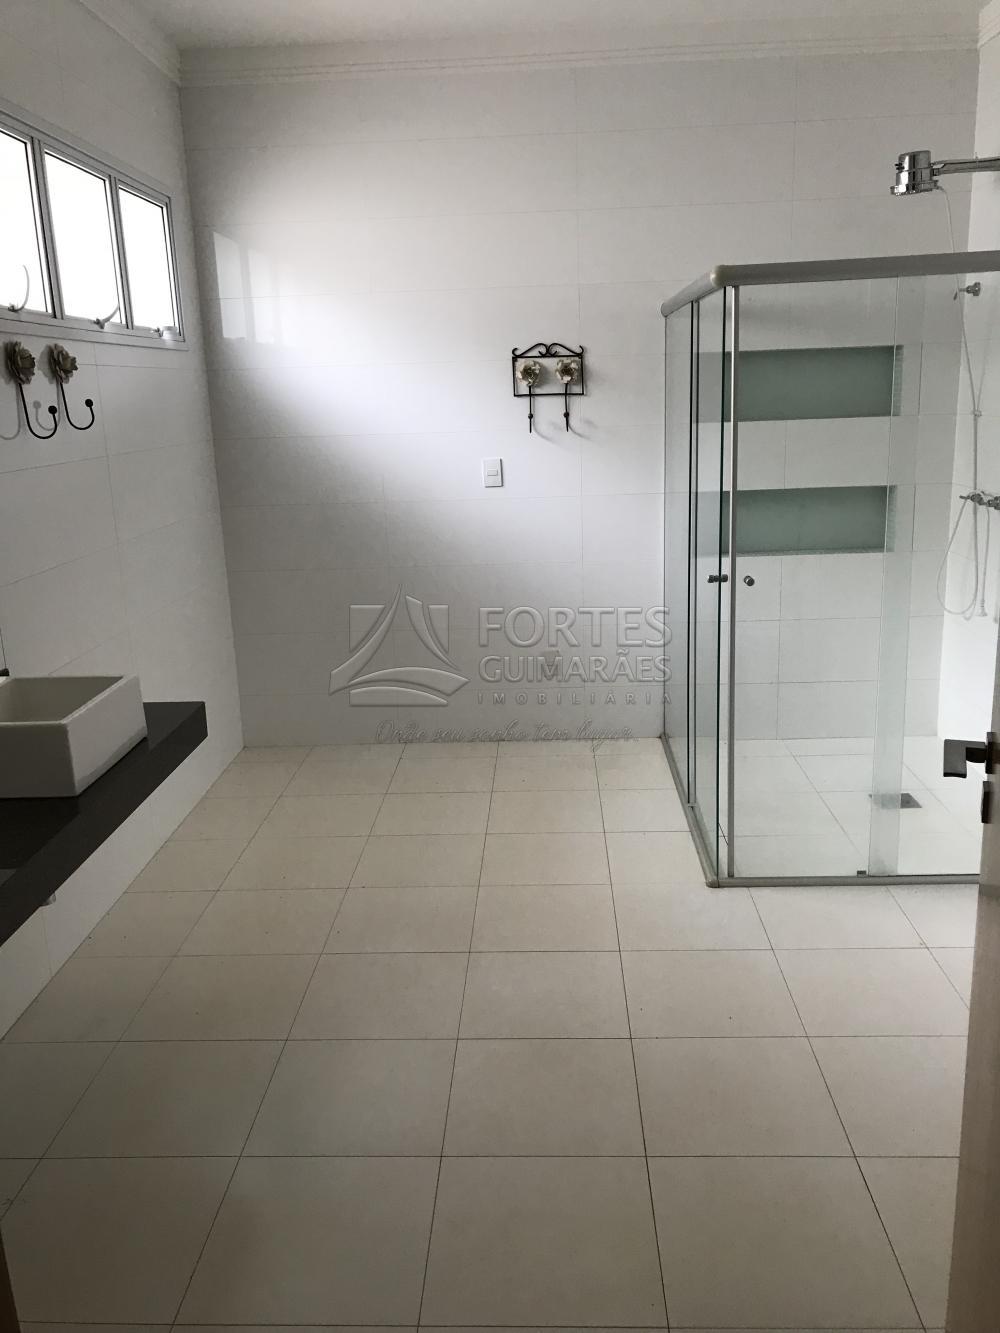 Alugar Casas / Condomínio em Ribeirão Preto apenas R$ 7.000,00 - Foto 29